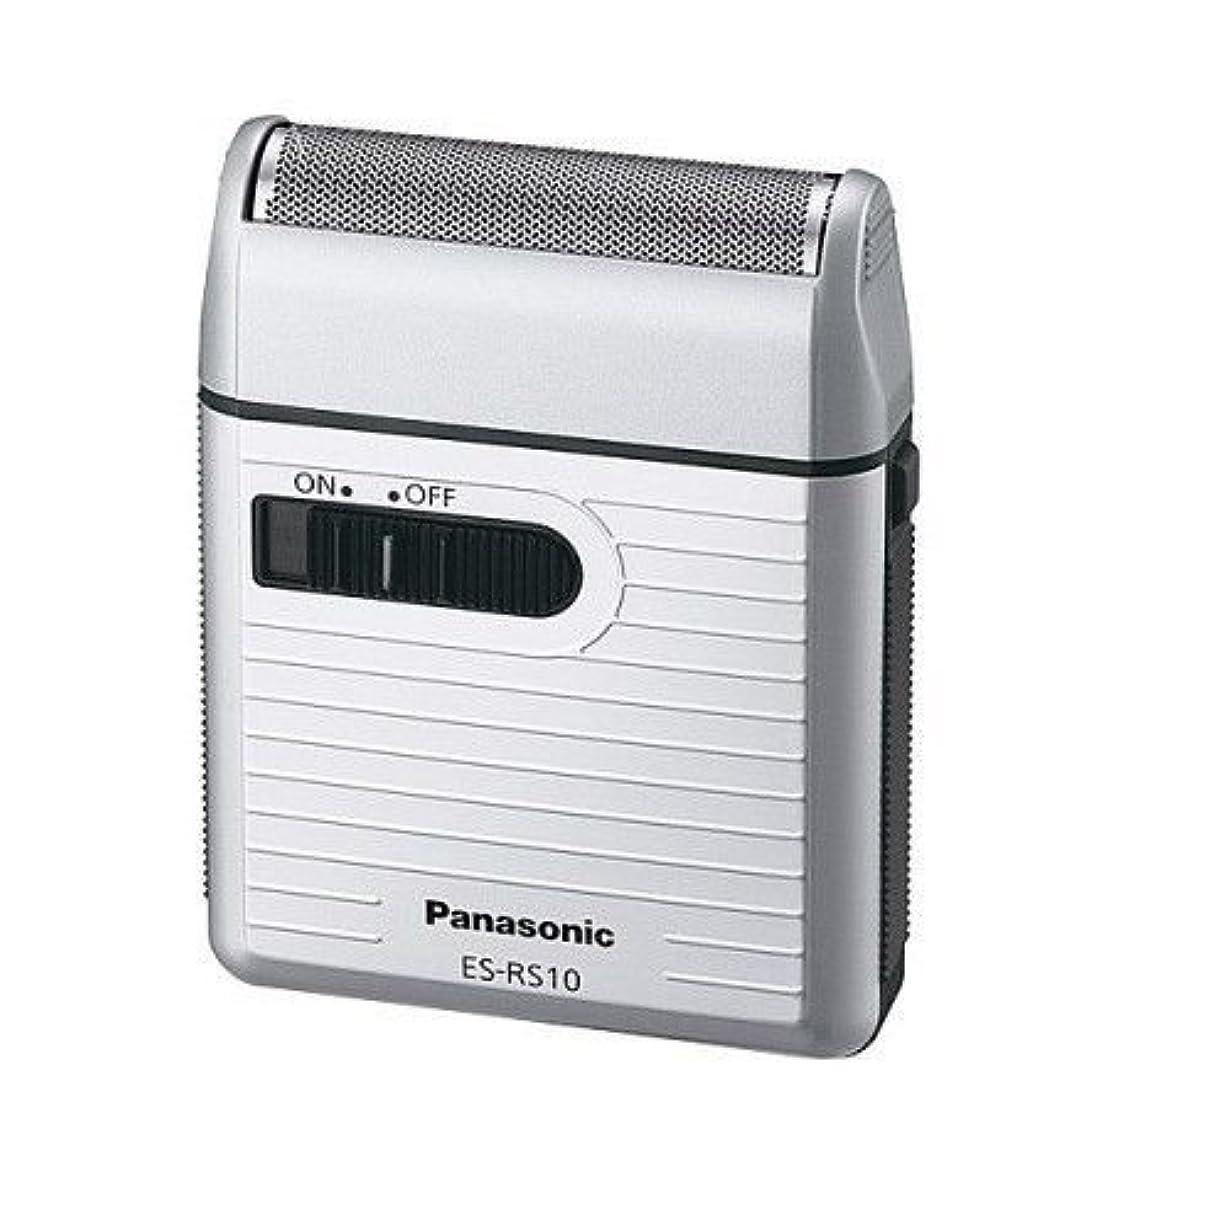 サーマルパーセント死にかけているPanasonic ES-RS10-S ンズポケットシェーバーシルバー ESRS10 日本製 [並行輸入品]